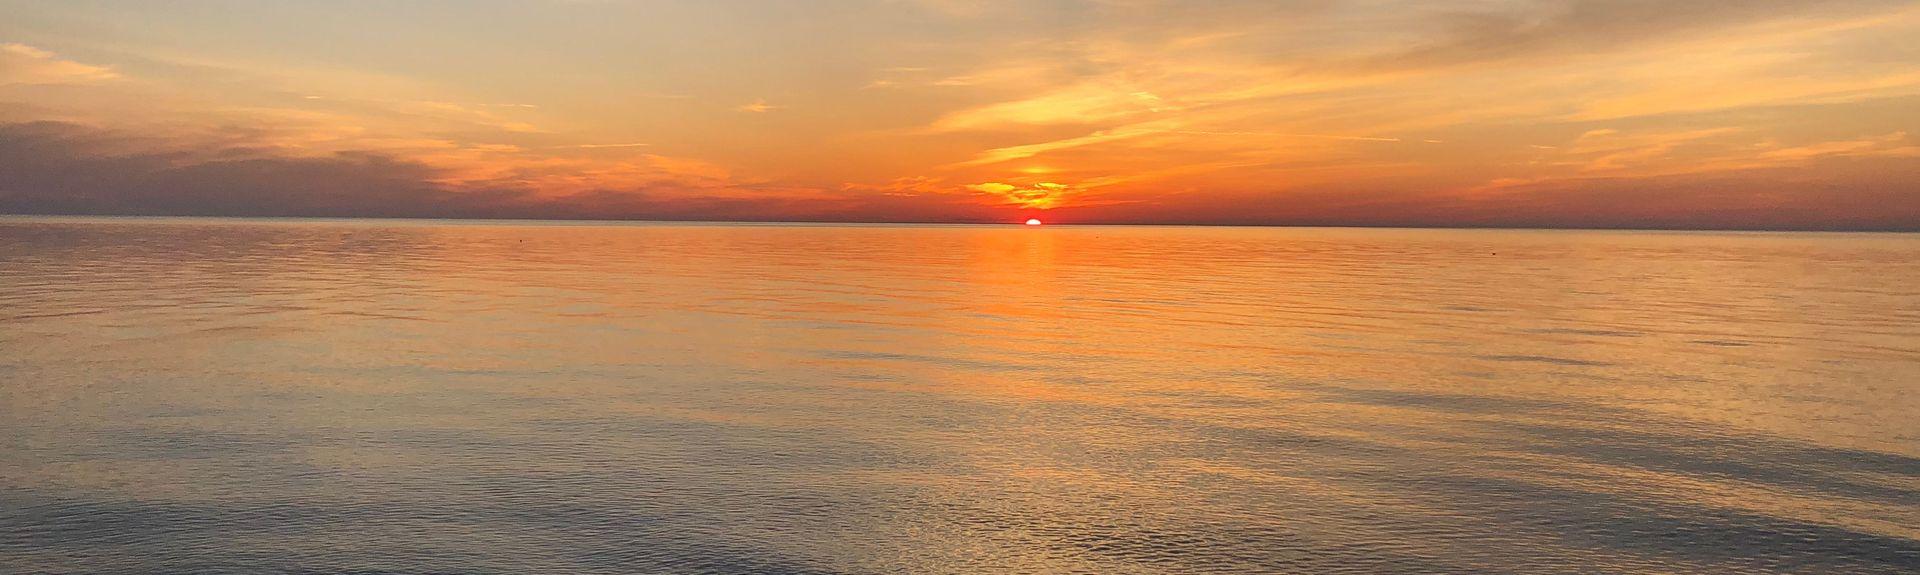 Hammonasset Beach State Park, Madison, Connecticut, Verenigde Staten